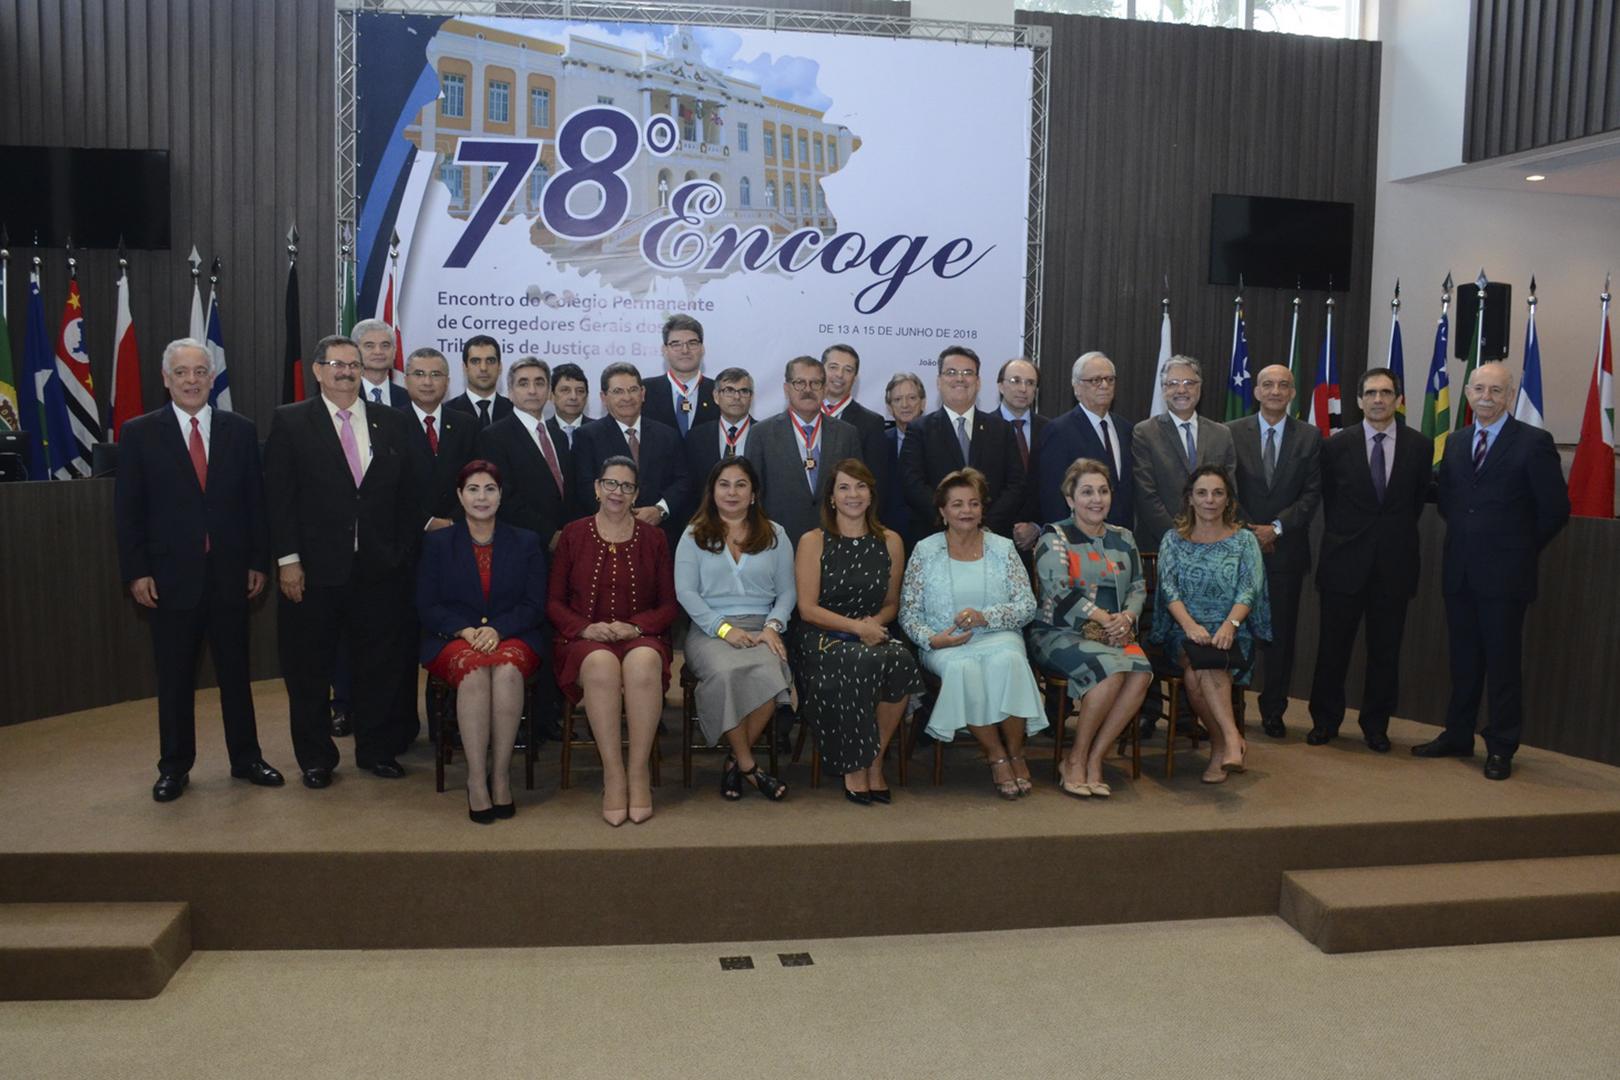 Corregedor-geral da Justiça paulista participa do 78º Encoge